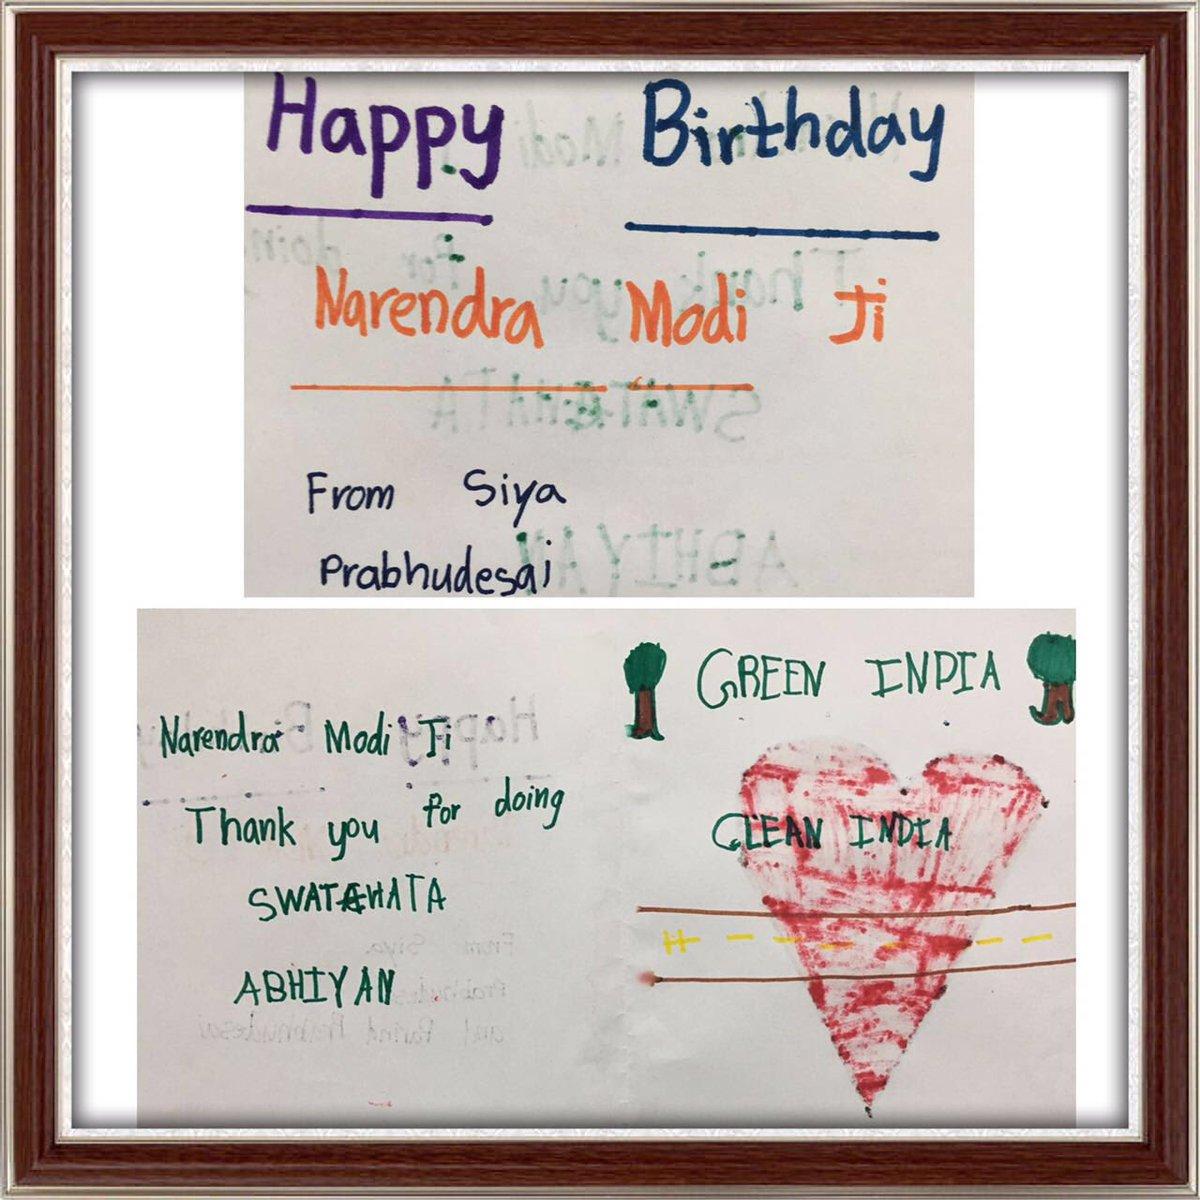 Parind Prabhudesai On Twitter HappyBdayPMModi Birthday Wishes From My 7 Years Old Daughter Siya Narendramodi